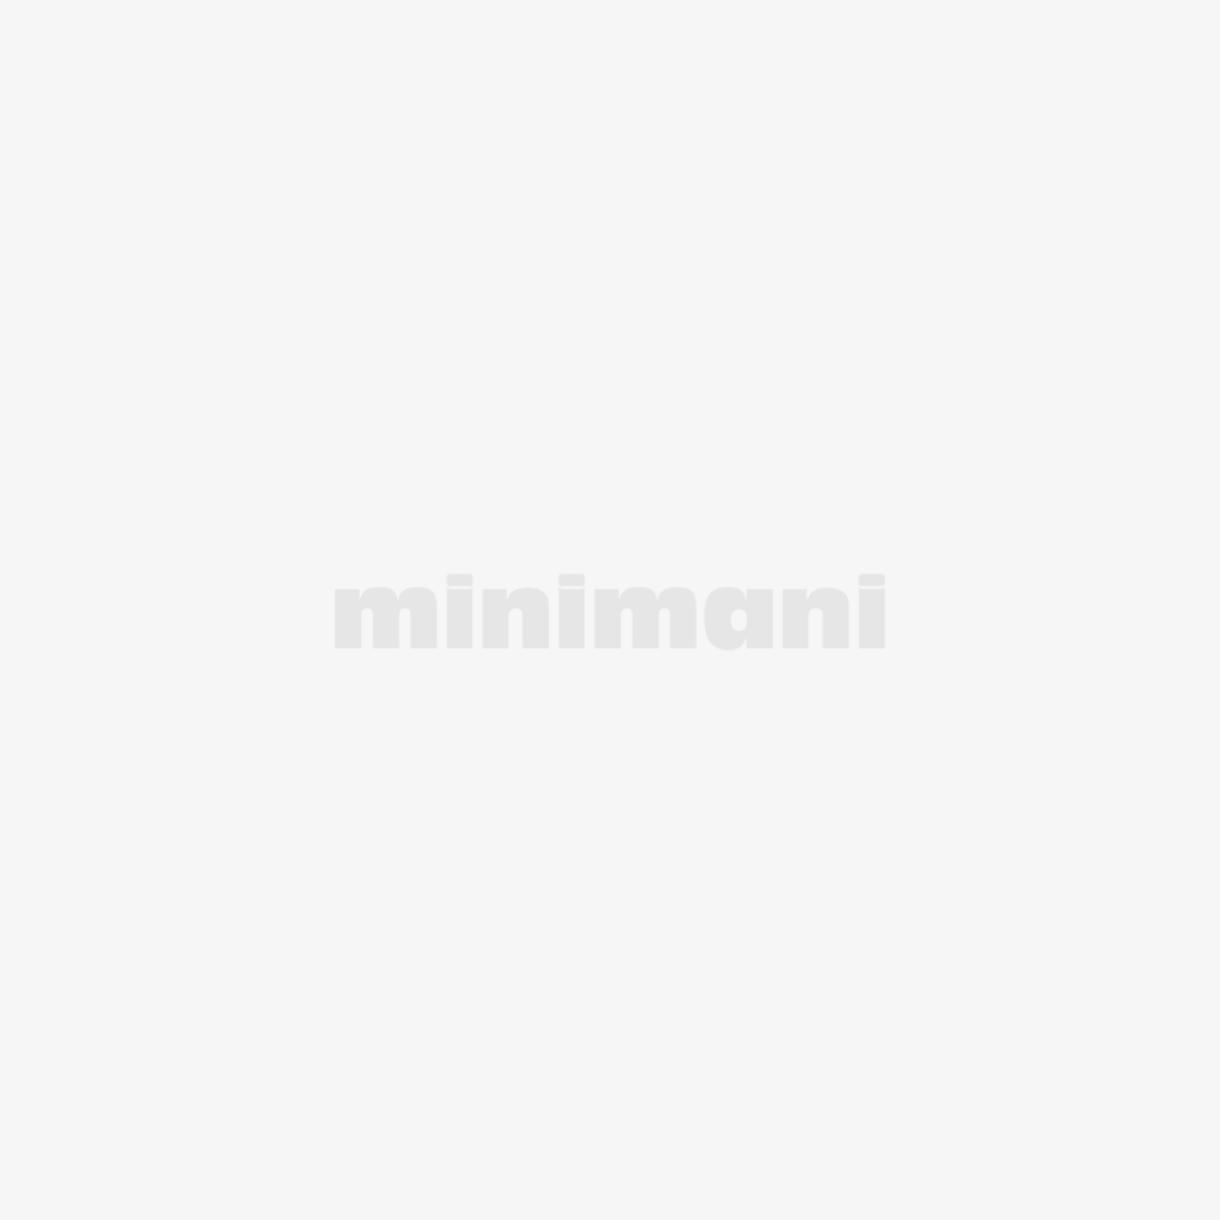 FINNWEAR LASTEN NILKKASUKAT, LIUKKARIT 2-PACK 22-24 6245 PUNAIN